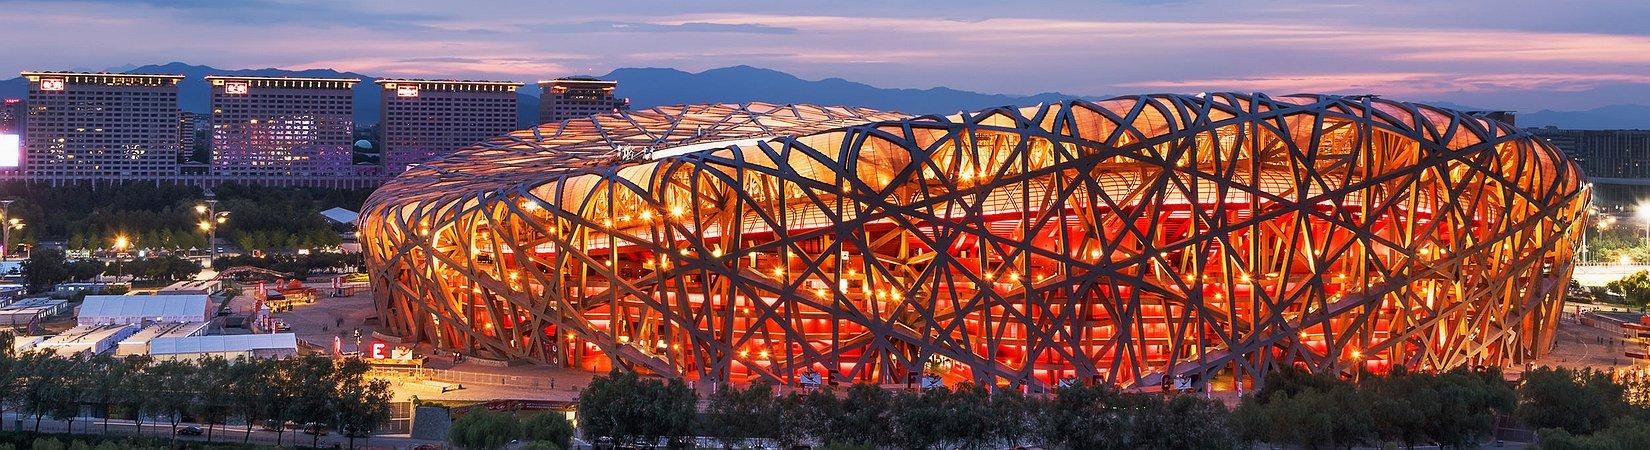 Os 12 mais bonitos edifícios modernos da China